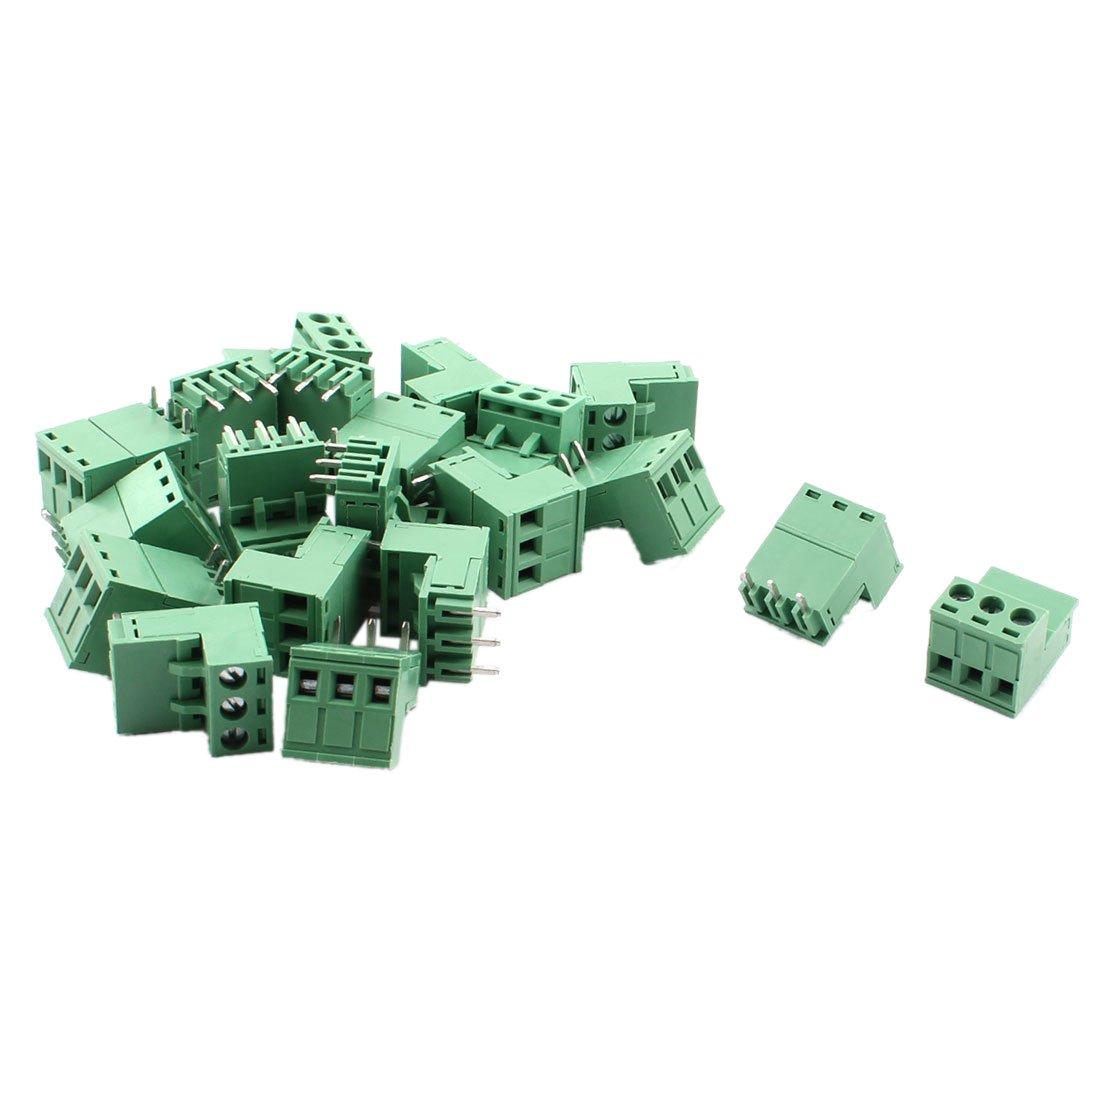 Bloque de terminal de tornillo - SODIAL(R)20 piezas 5.08 mm 3 vias Bloque de terminal de tornillo de montaje en PCB para 14-22 AWG alambre